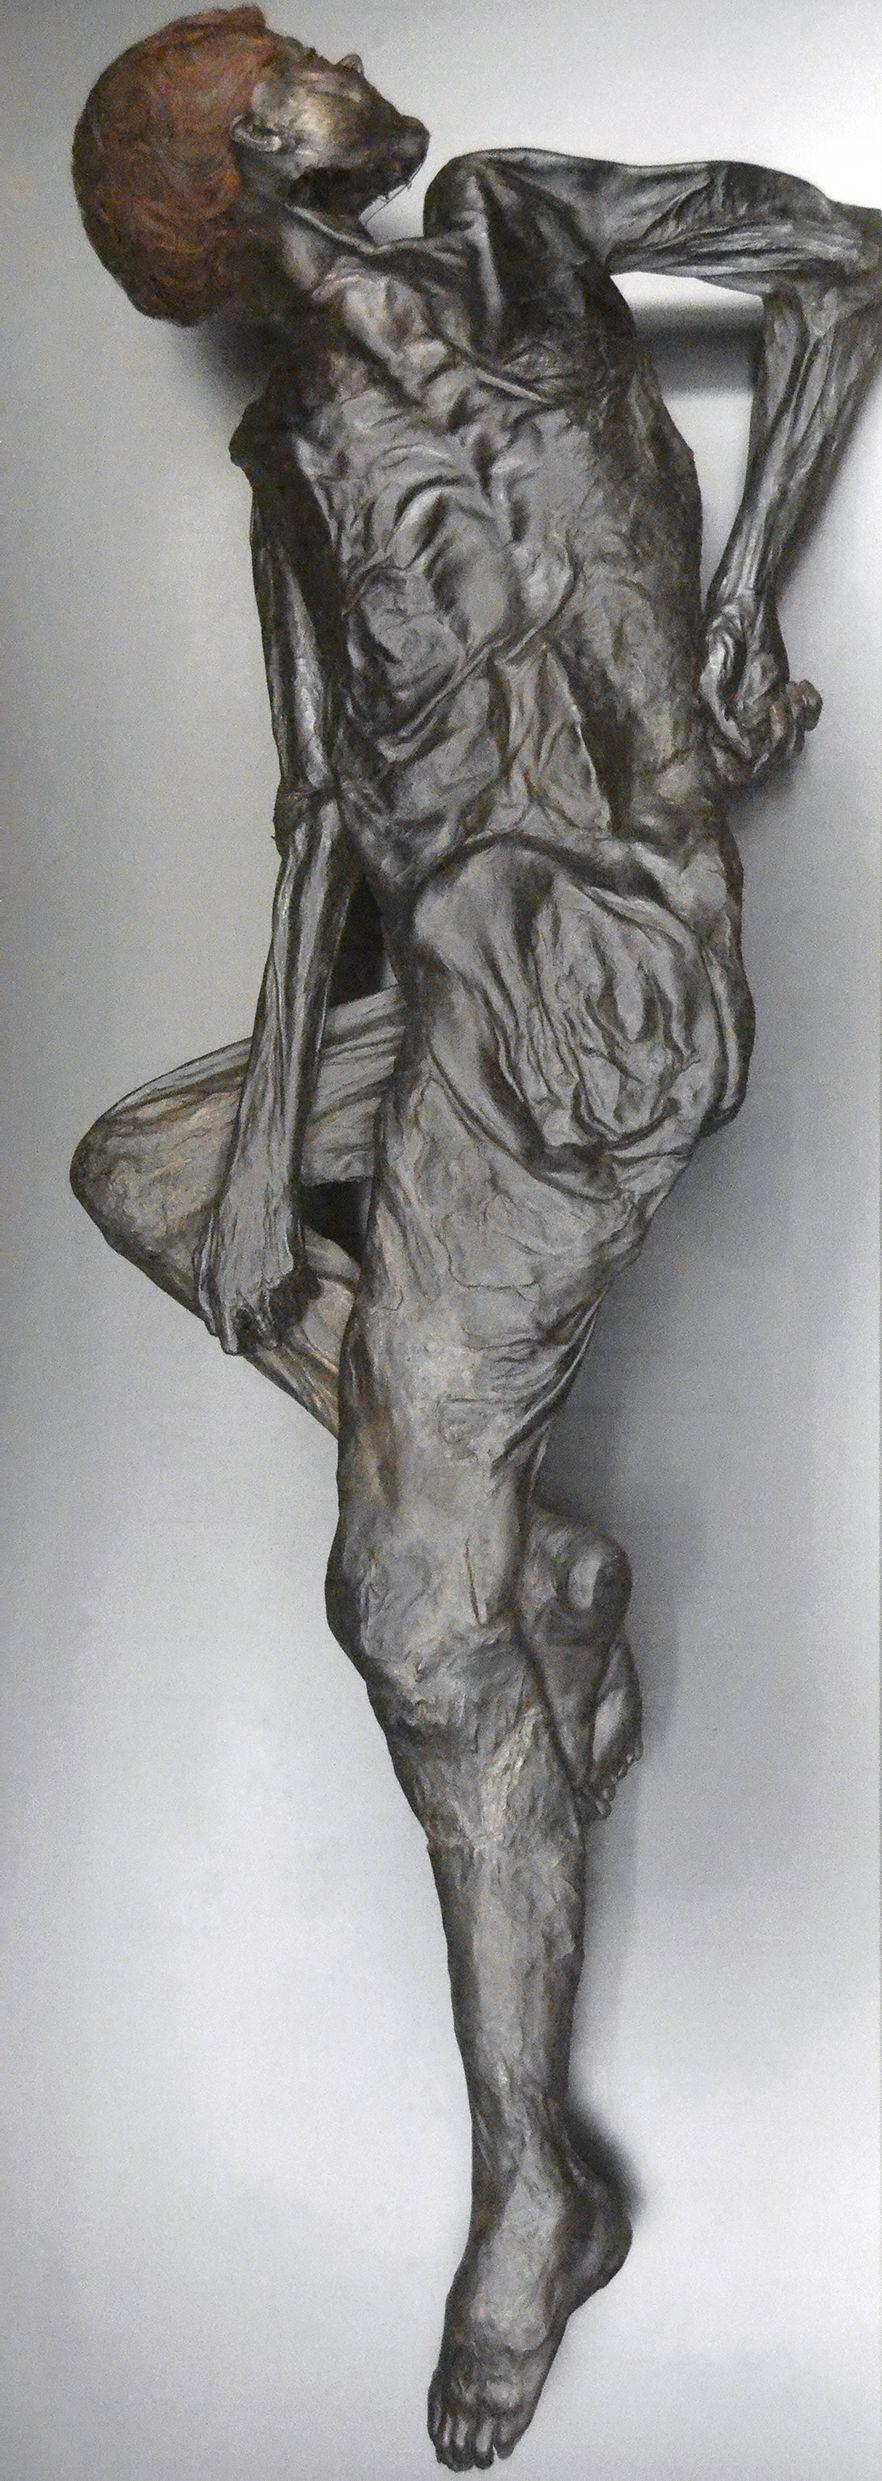 El hombre de Grauballe, fue encontrado el 26 de abril de 1952, cerca del pueblo de Grauballe, Dinamarca.